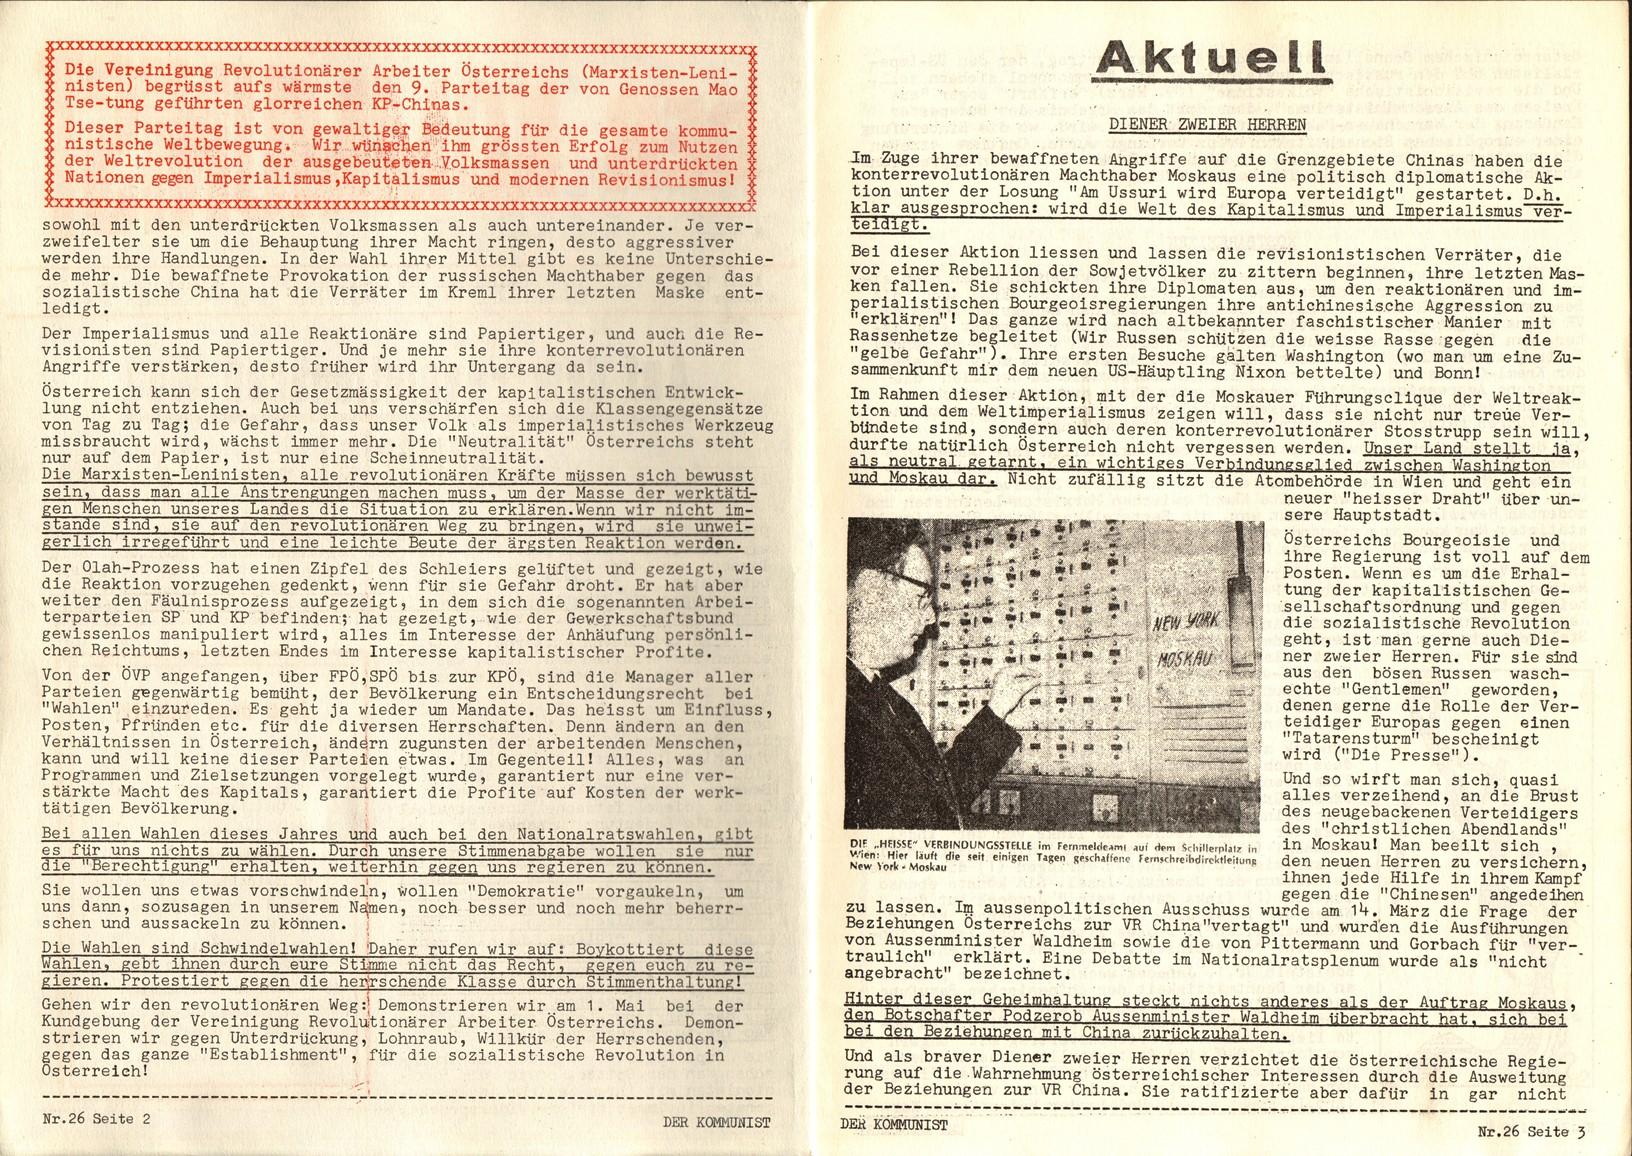 VRA_Der_Kommunist_19690400_02